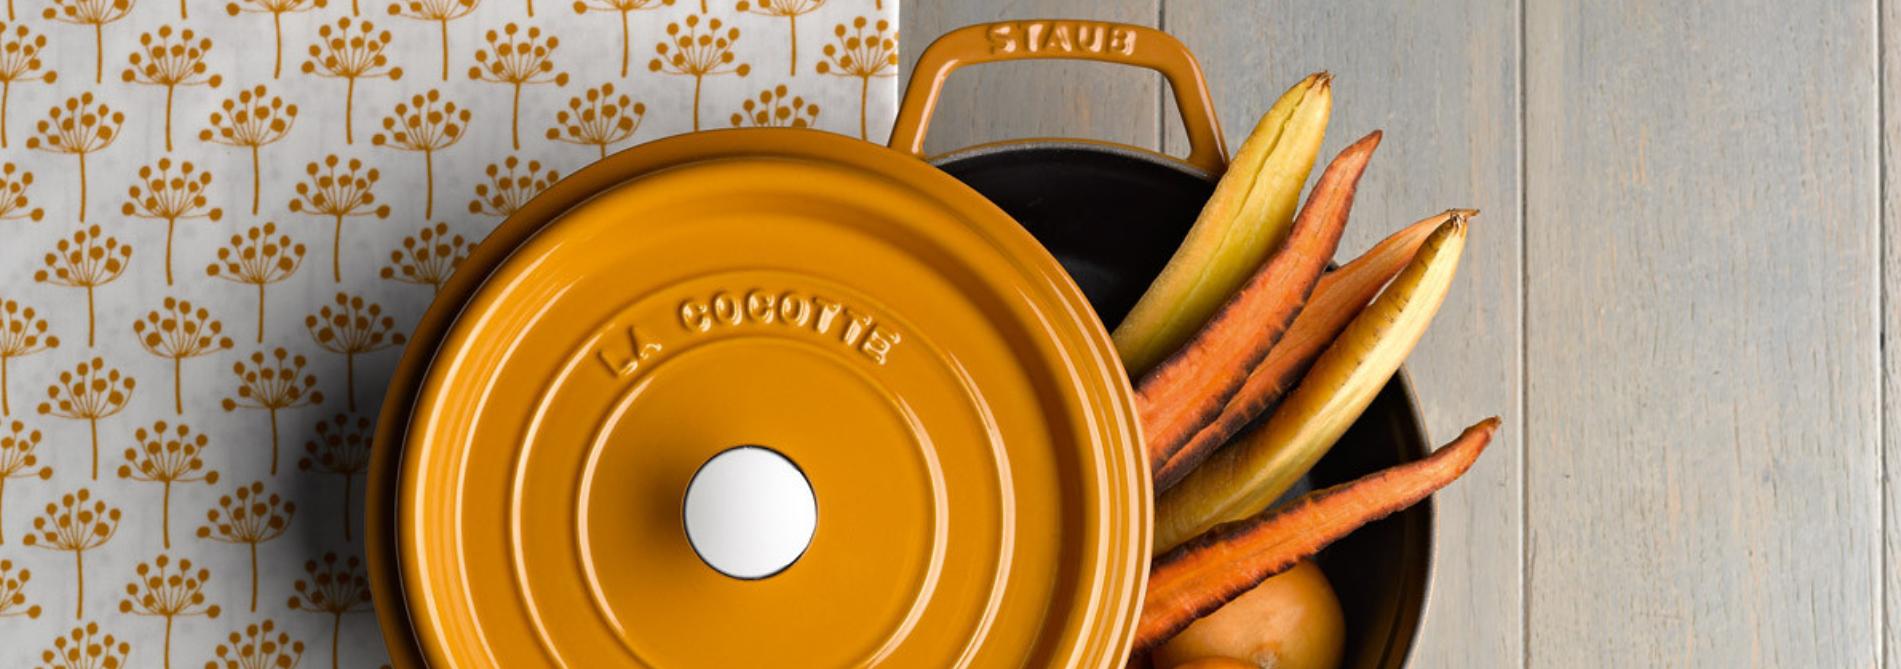 Litinové nádobí Staub Cocotte